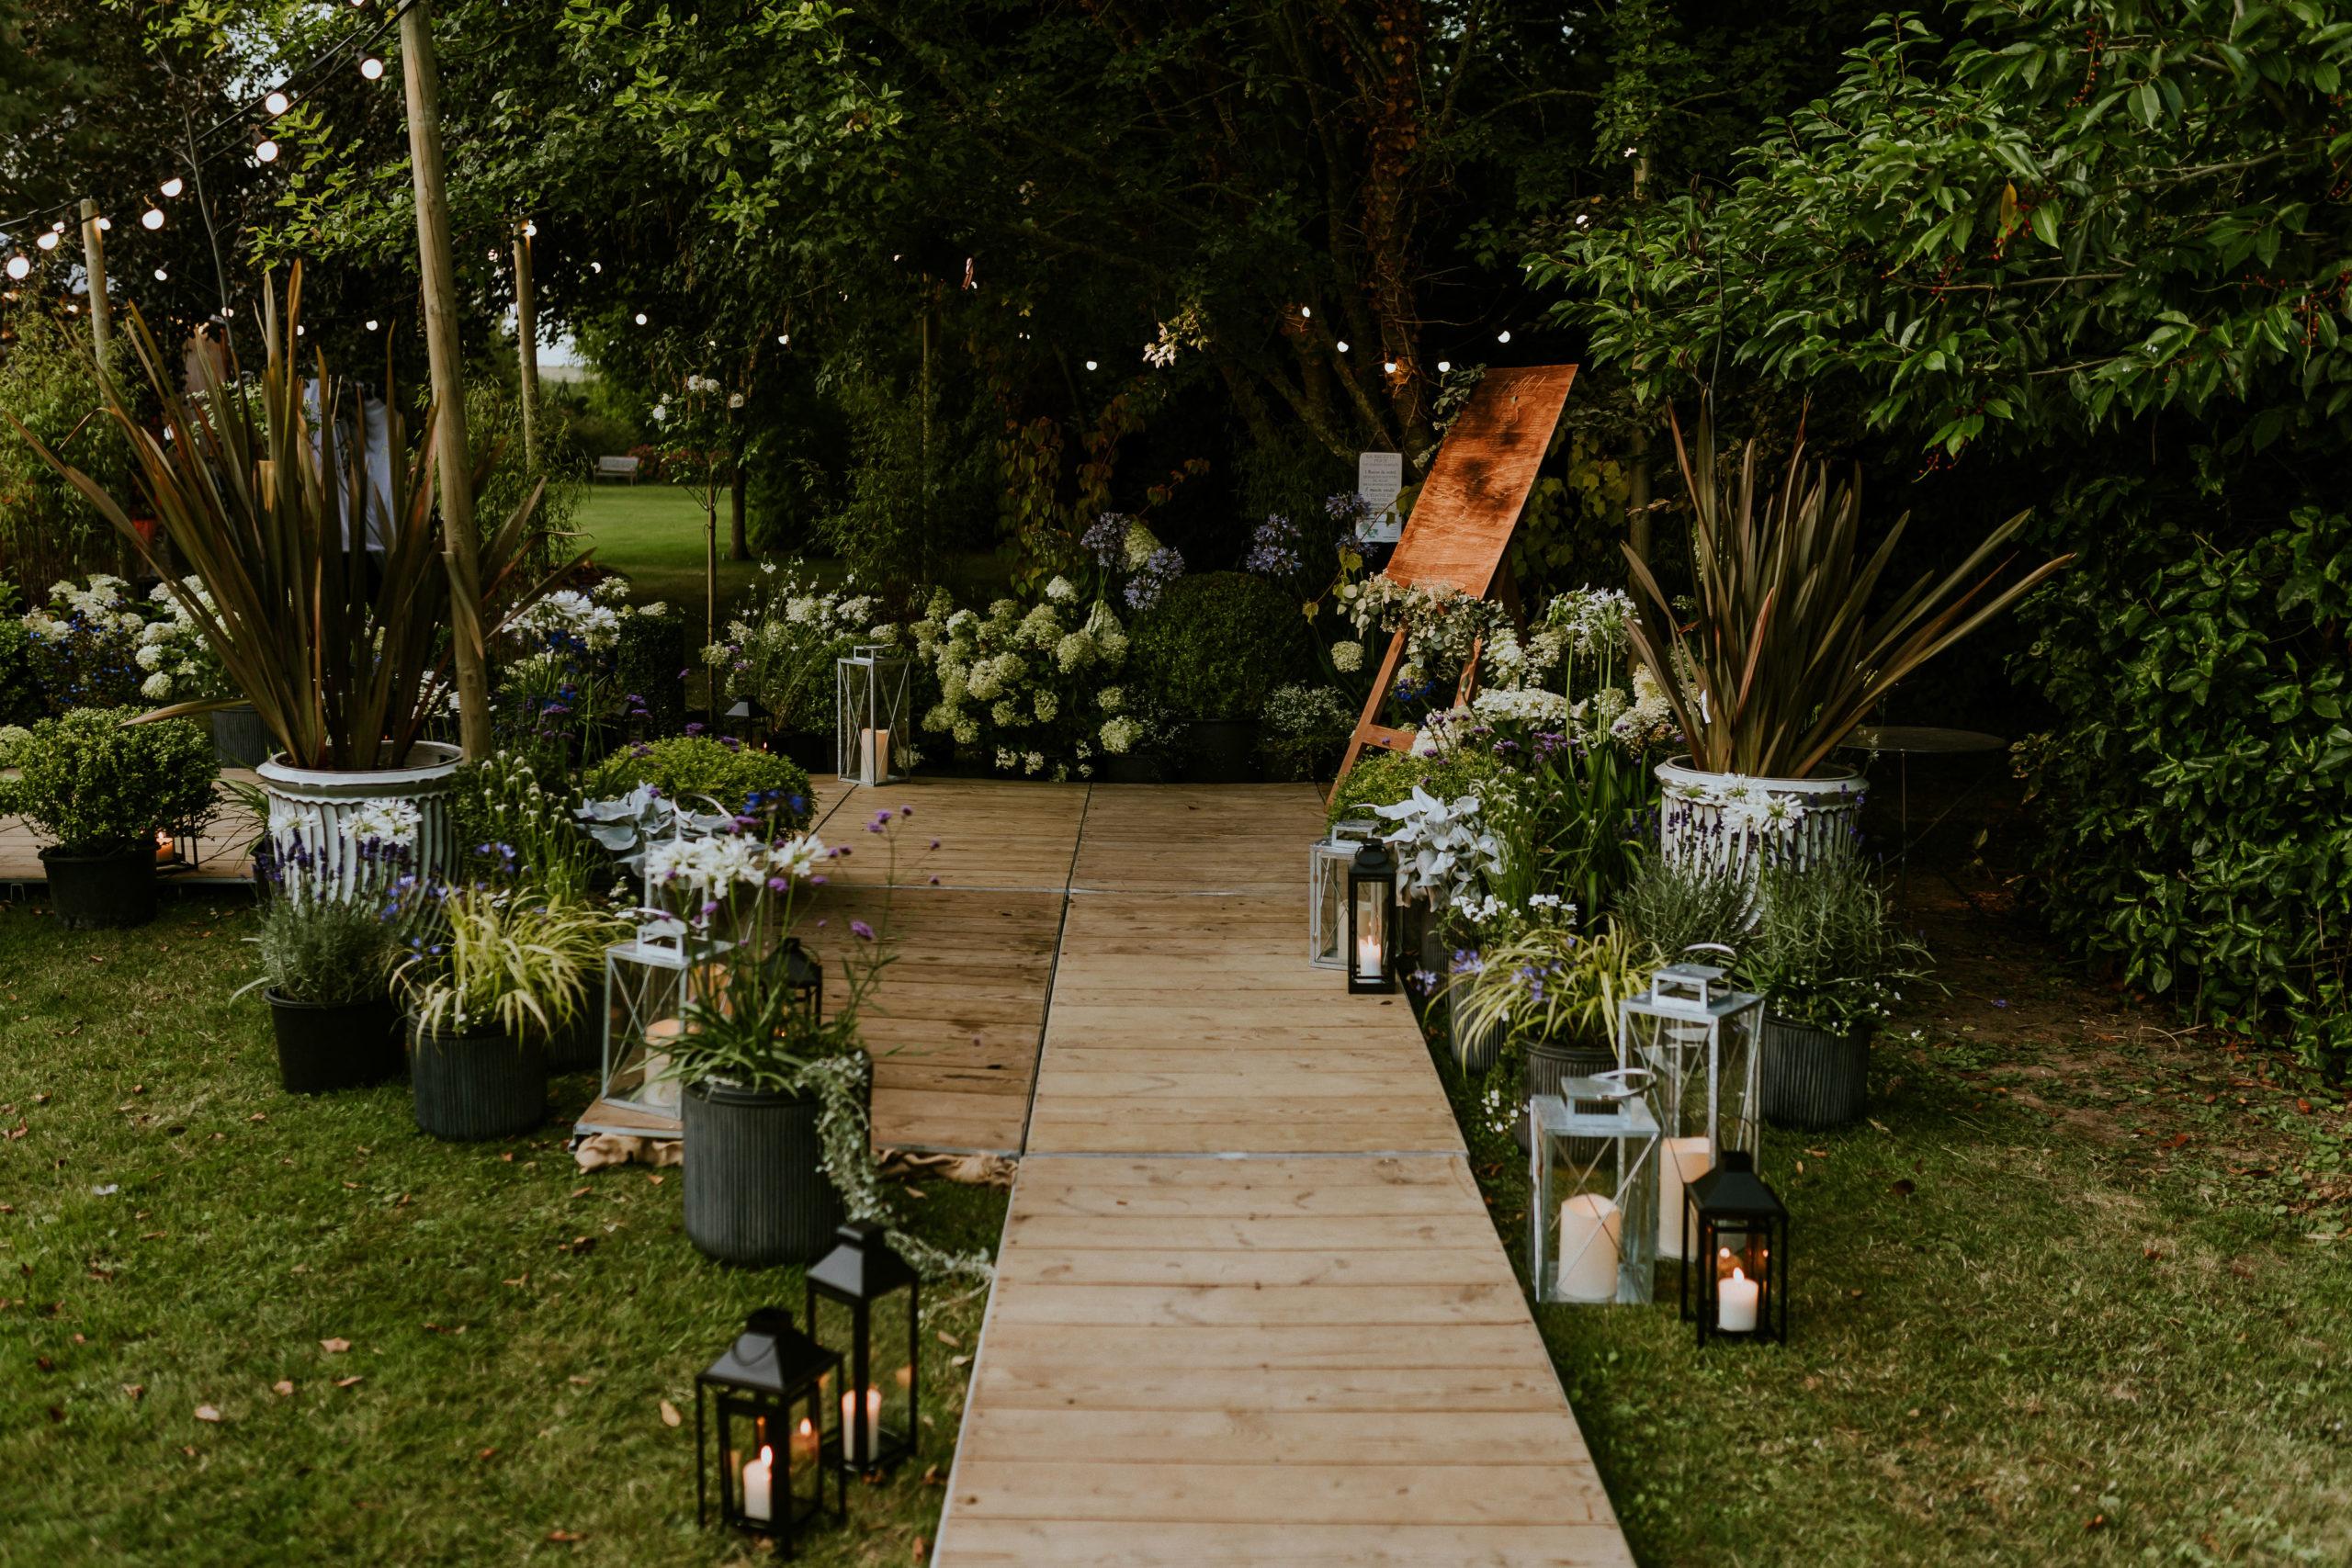 decoration-de-mariages-normandie-inspiration-chateau-calvados-haut-de-gamme